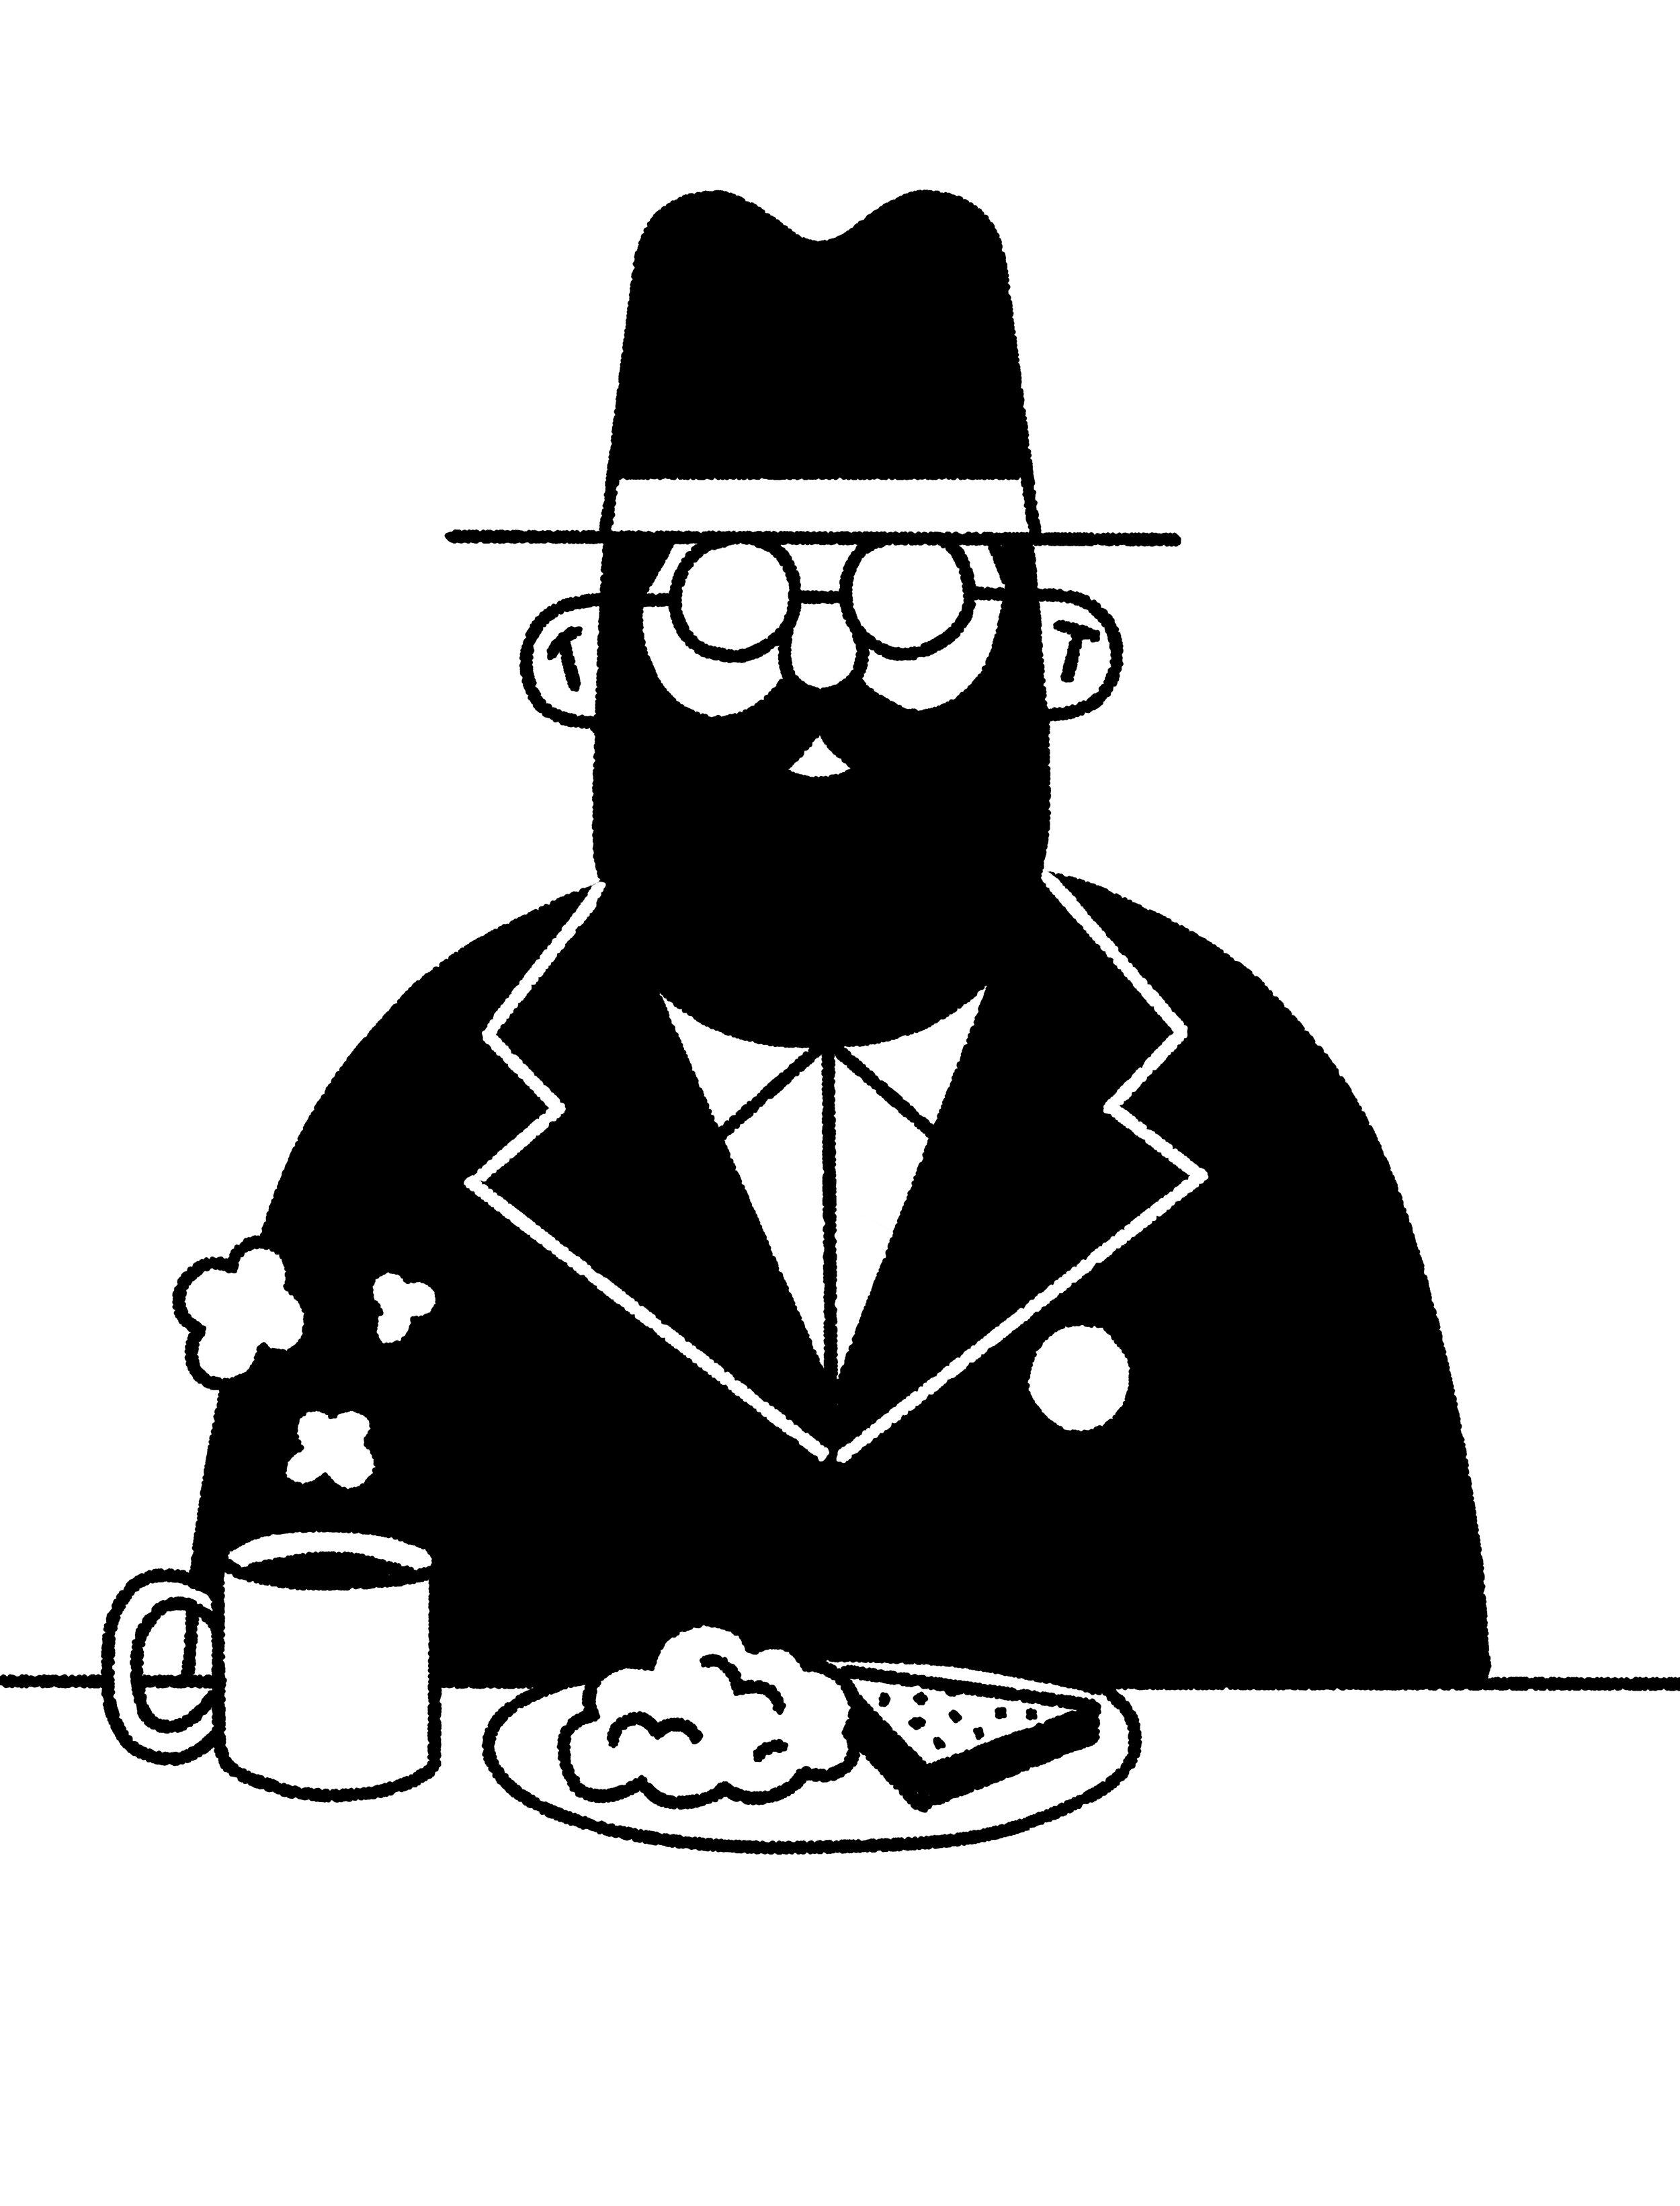 NY Food Jewish man final.jpg